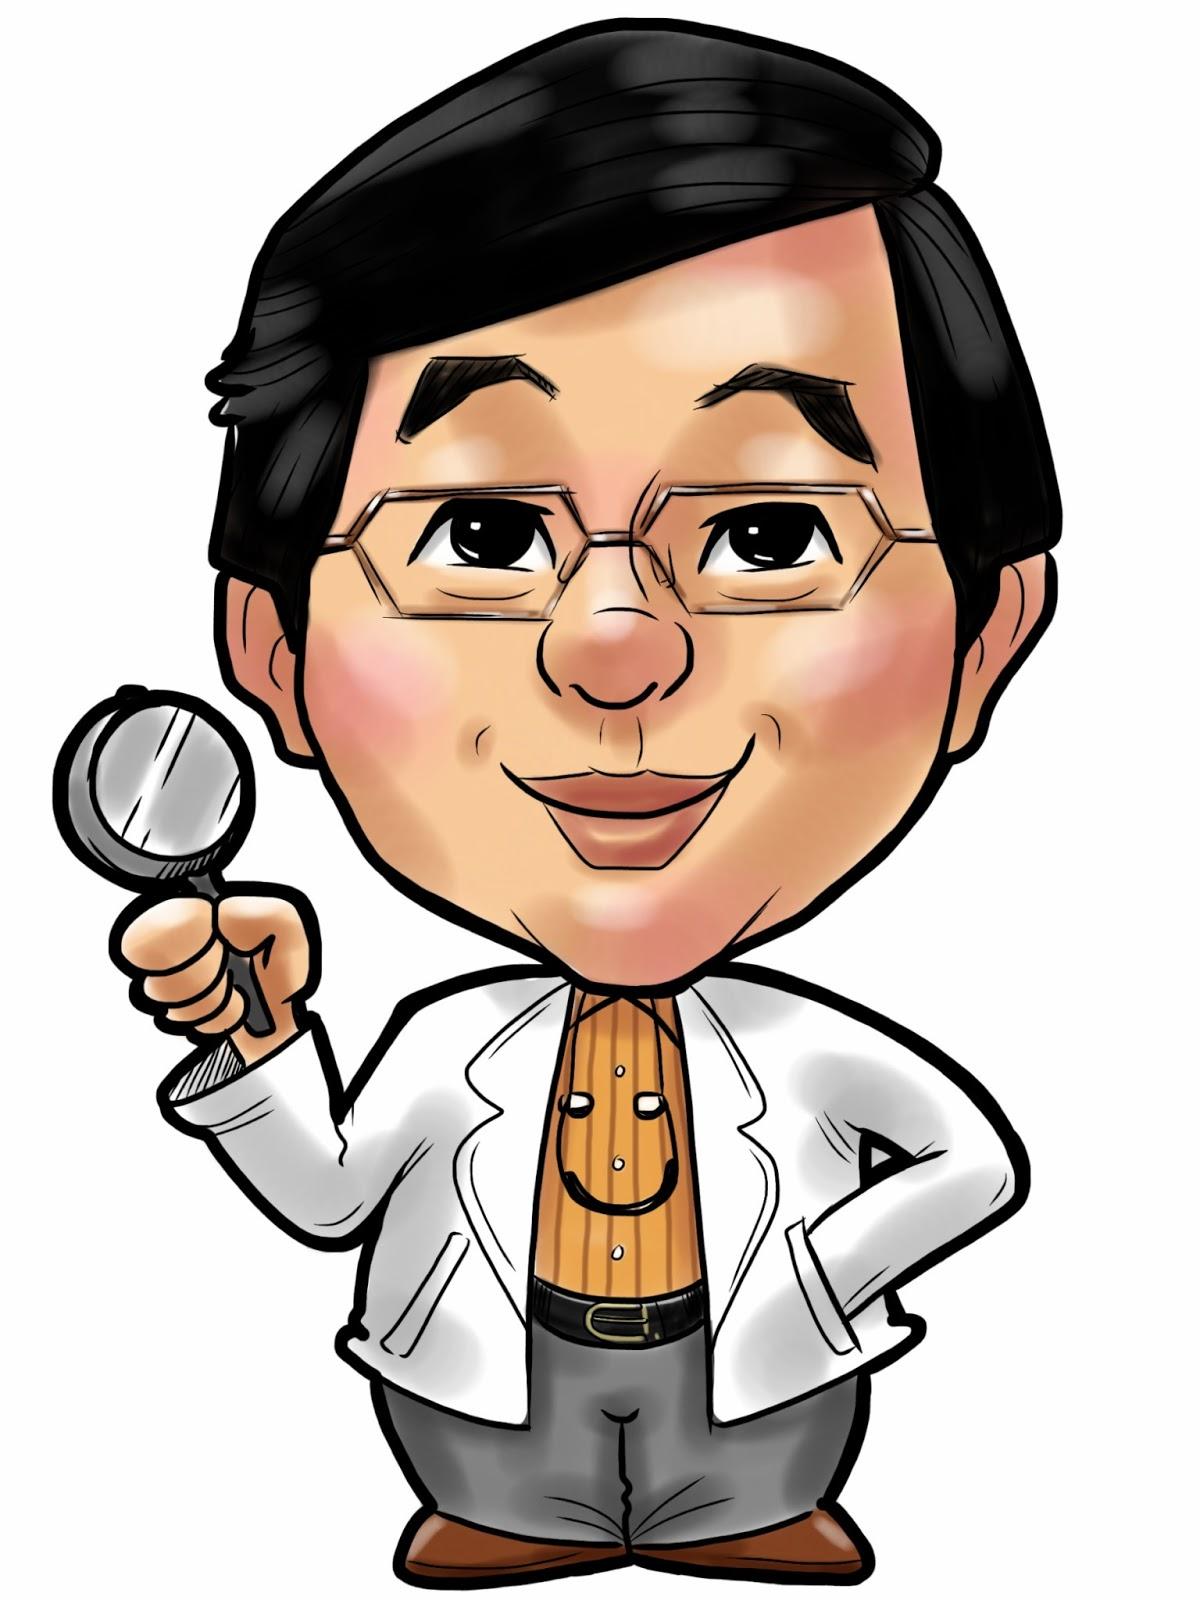 阿傑老師專業人像漫畫服務: 20130514 人形立牌設計